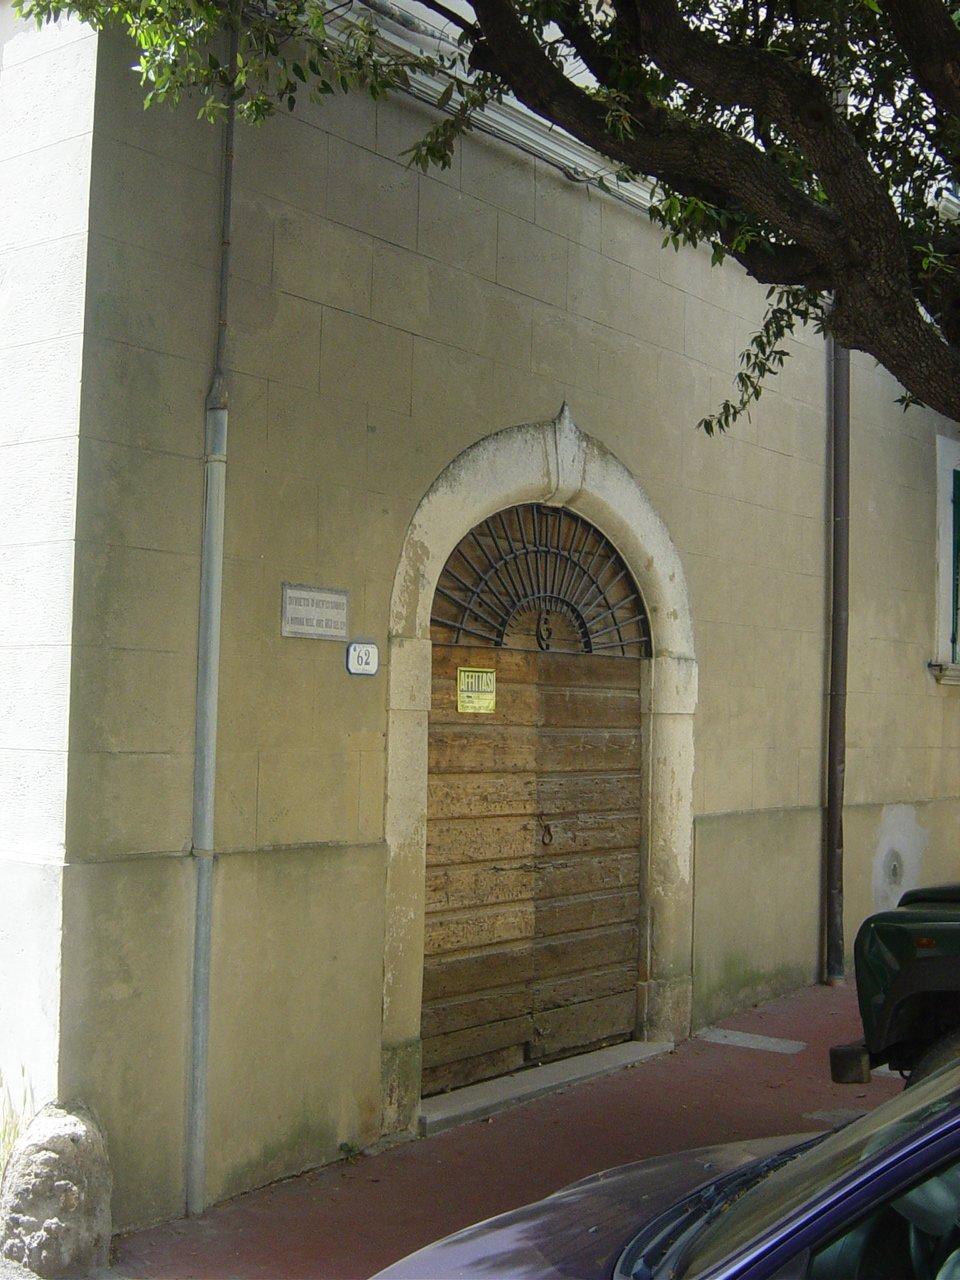 Locale comm.le/Fondo in vendita a Rosignano Marittimo (LI)